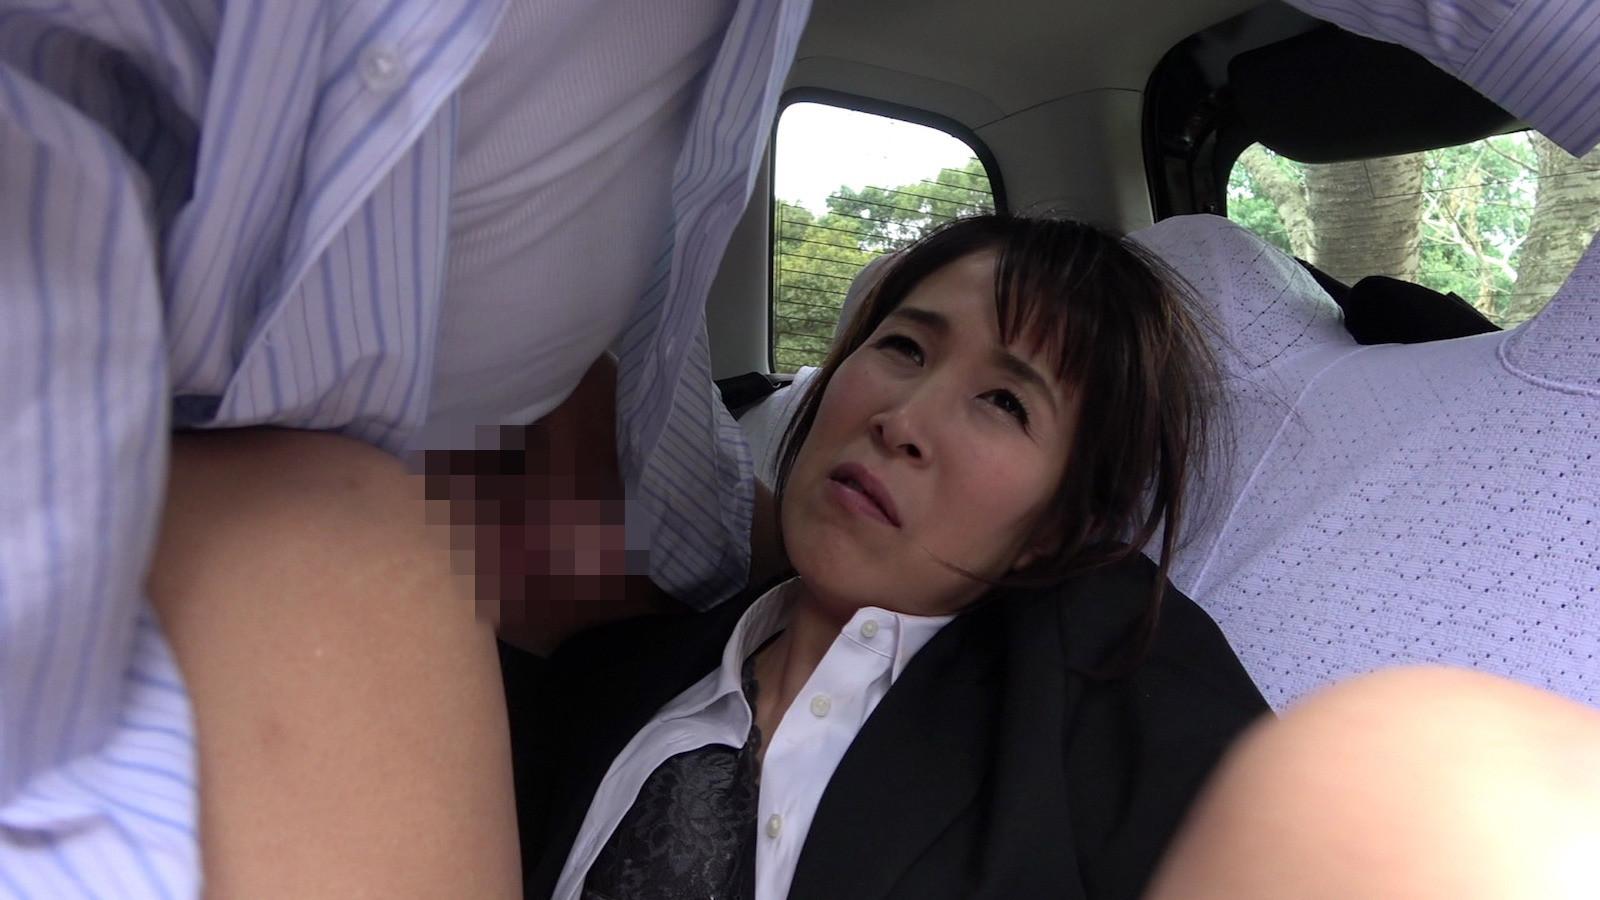 元タクシー女運転手 ~告白実話ドラマ~ 冴木塔子 画像15